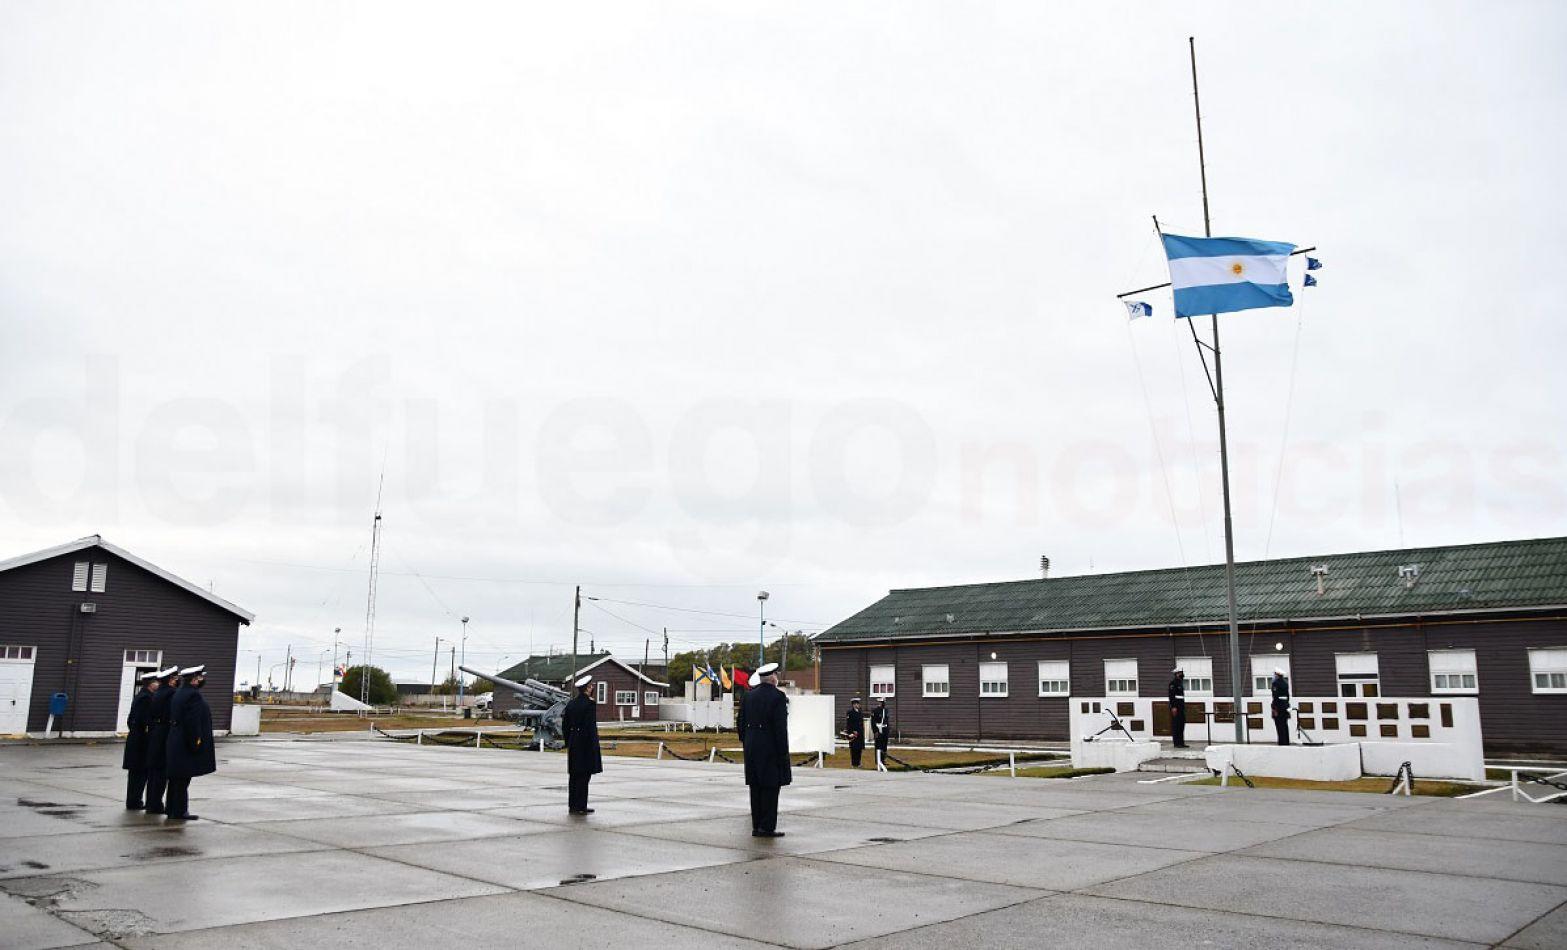 Con mínimo personal, la Armada Argentina conmemoró el 25 de mayo.